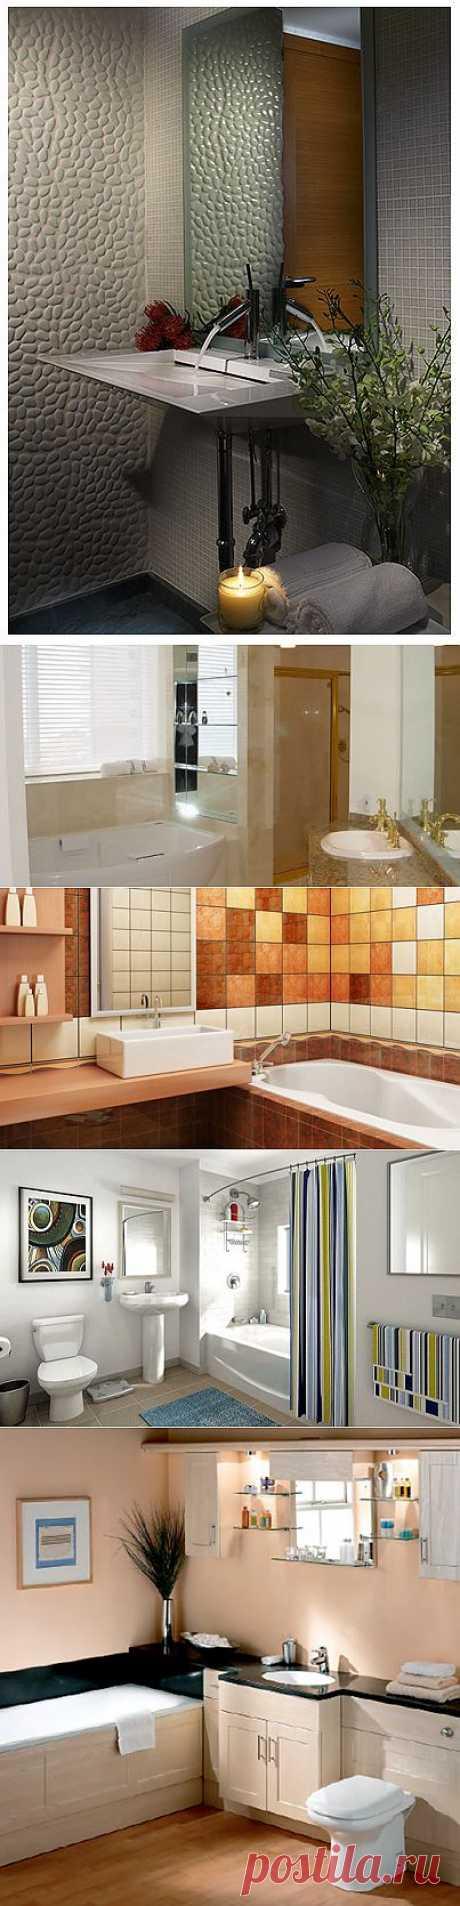 Ванная комната | Наш уютный дом